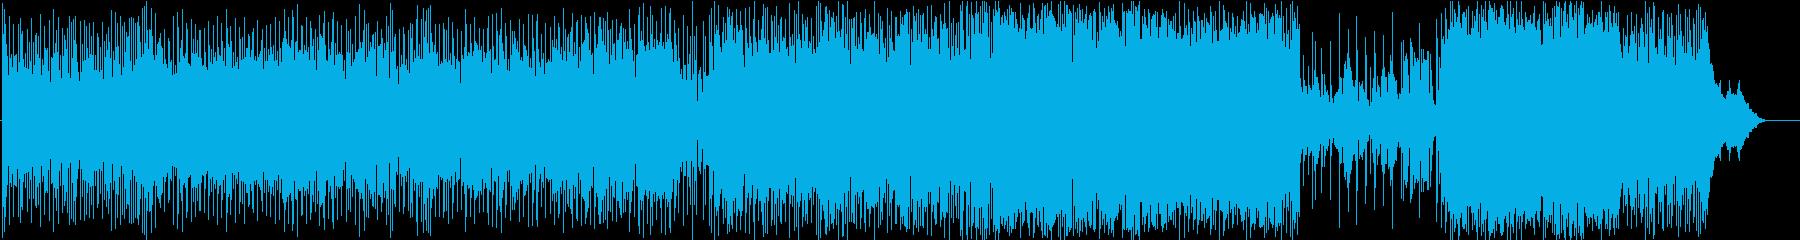 キューポラの再生済みの波形